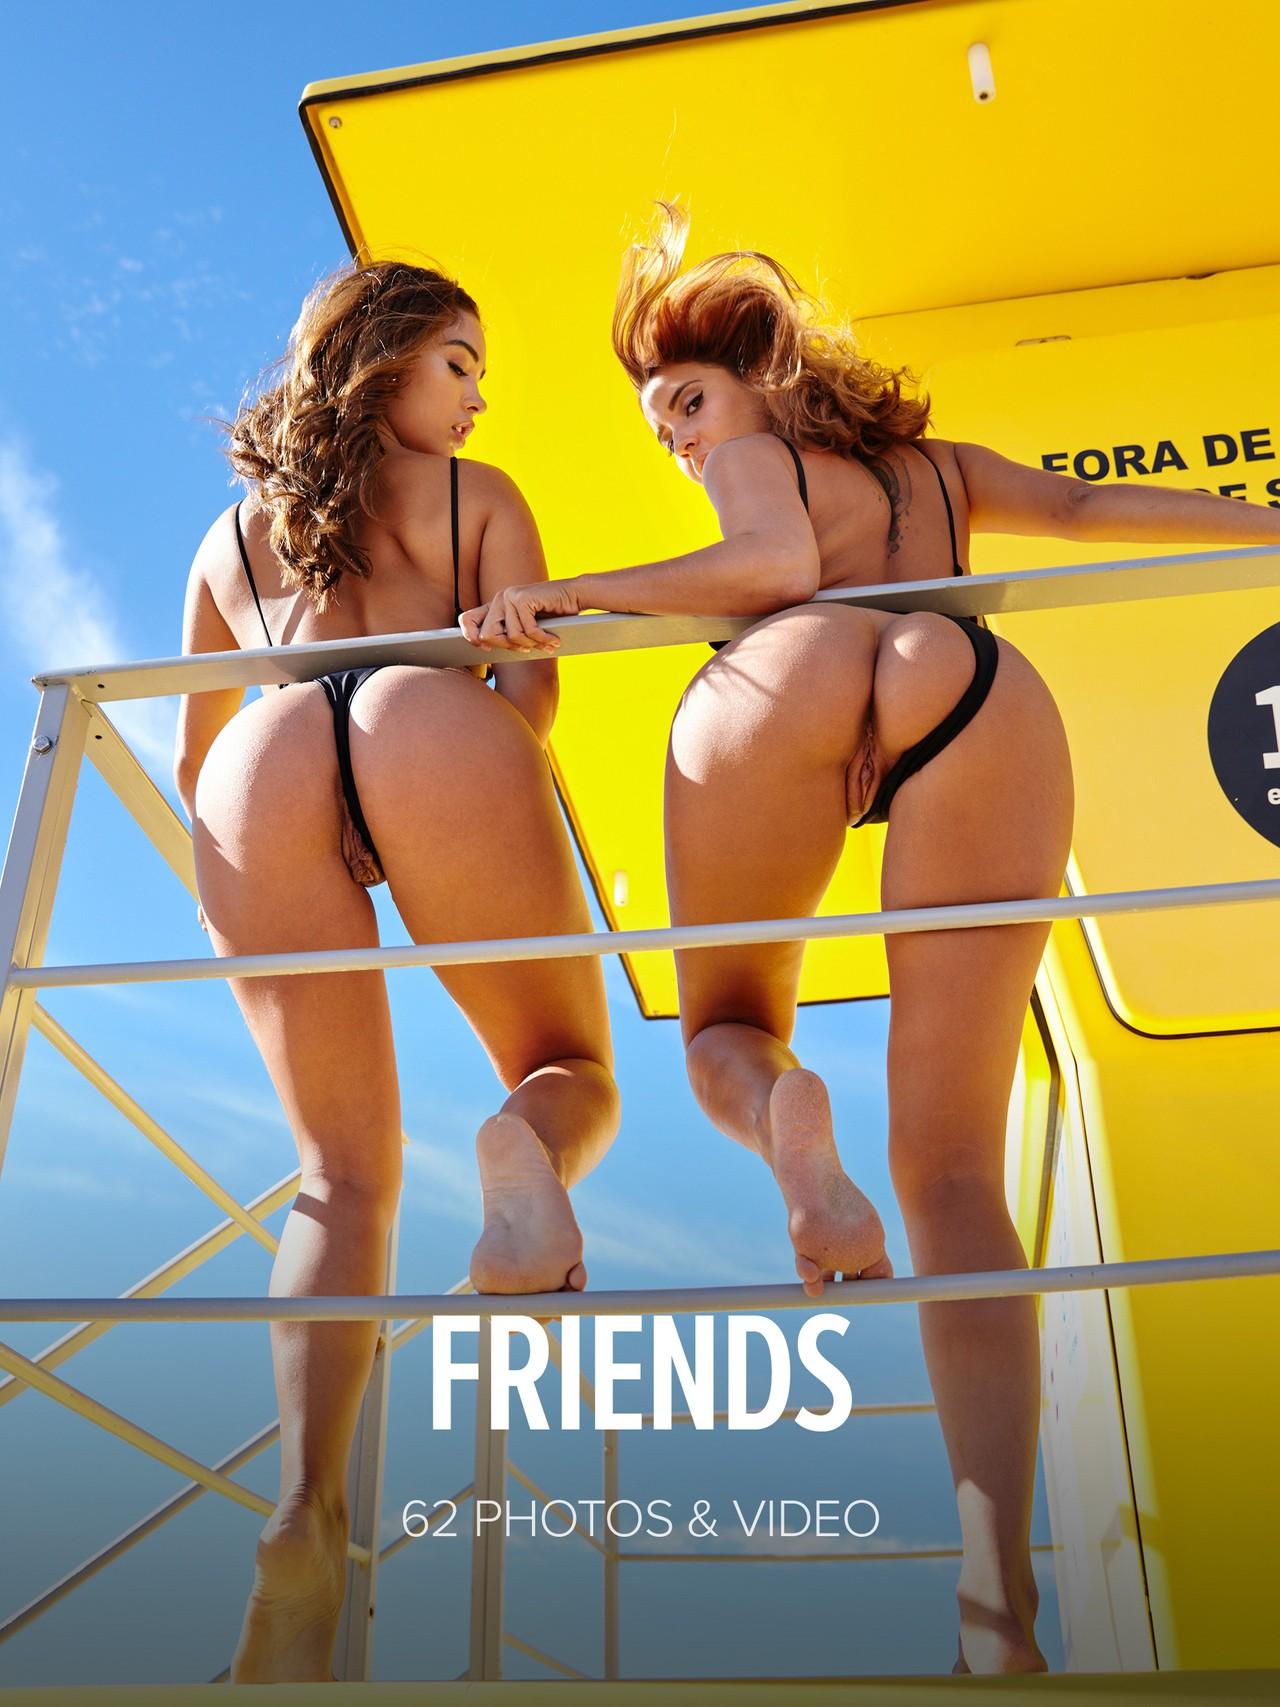 Agatha Vega, Ginebra Bellucci: Friends